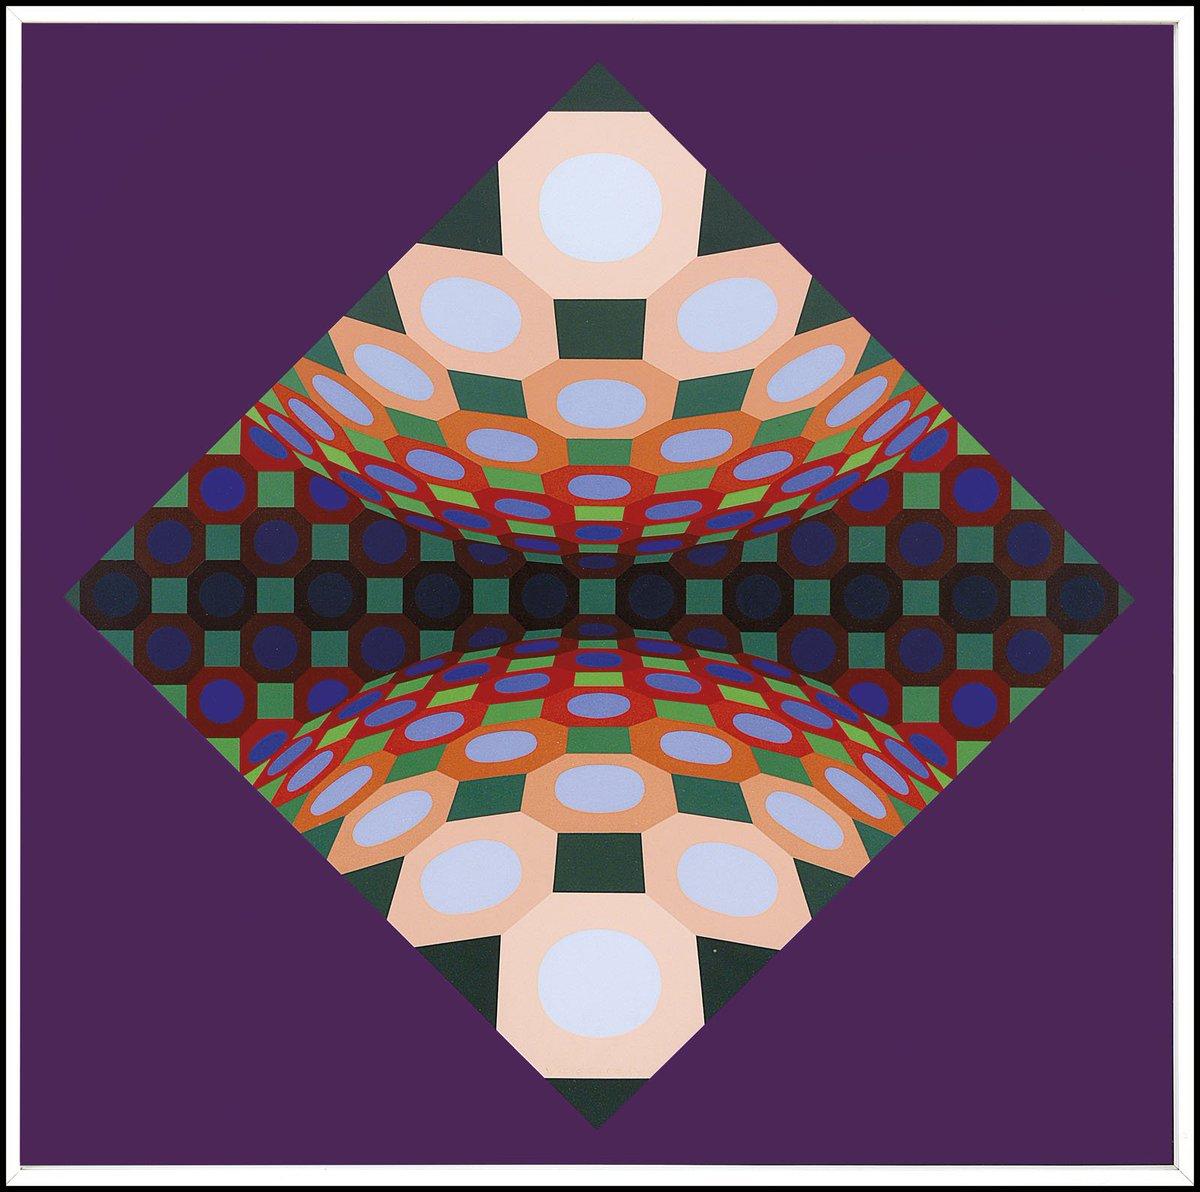 download теория пластичности плоская задача экстремальные принципы и энергетические методы решения законы уравнения и задачи циклической